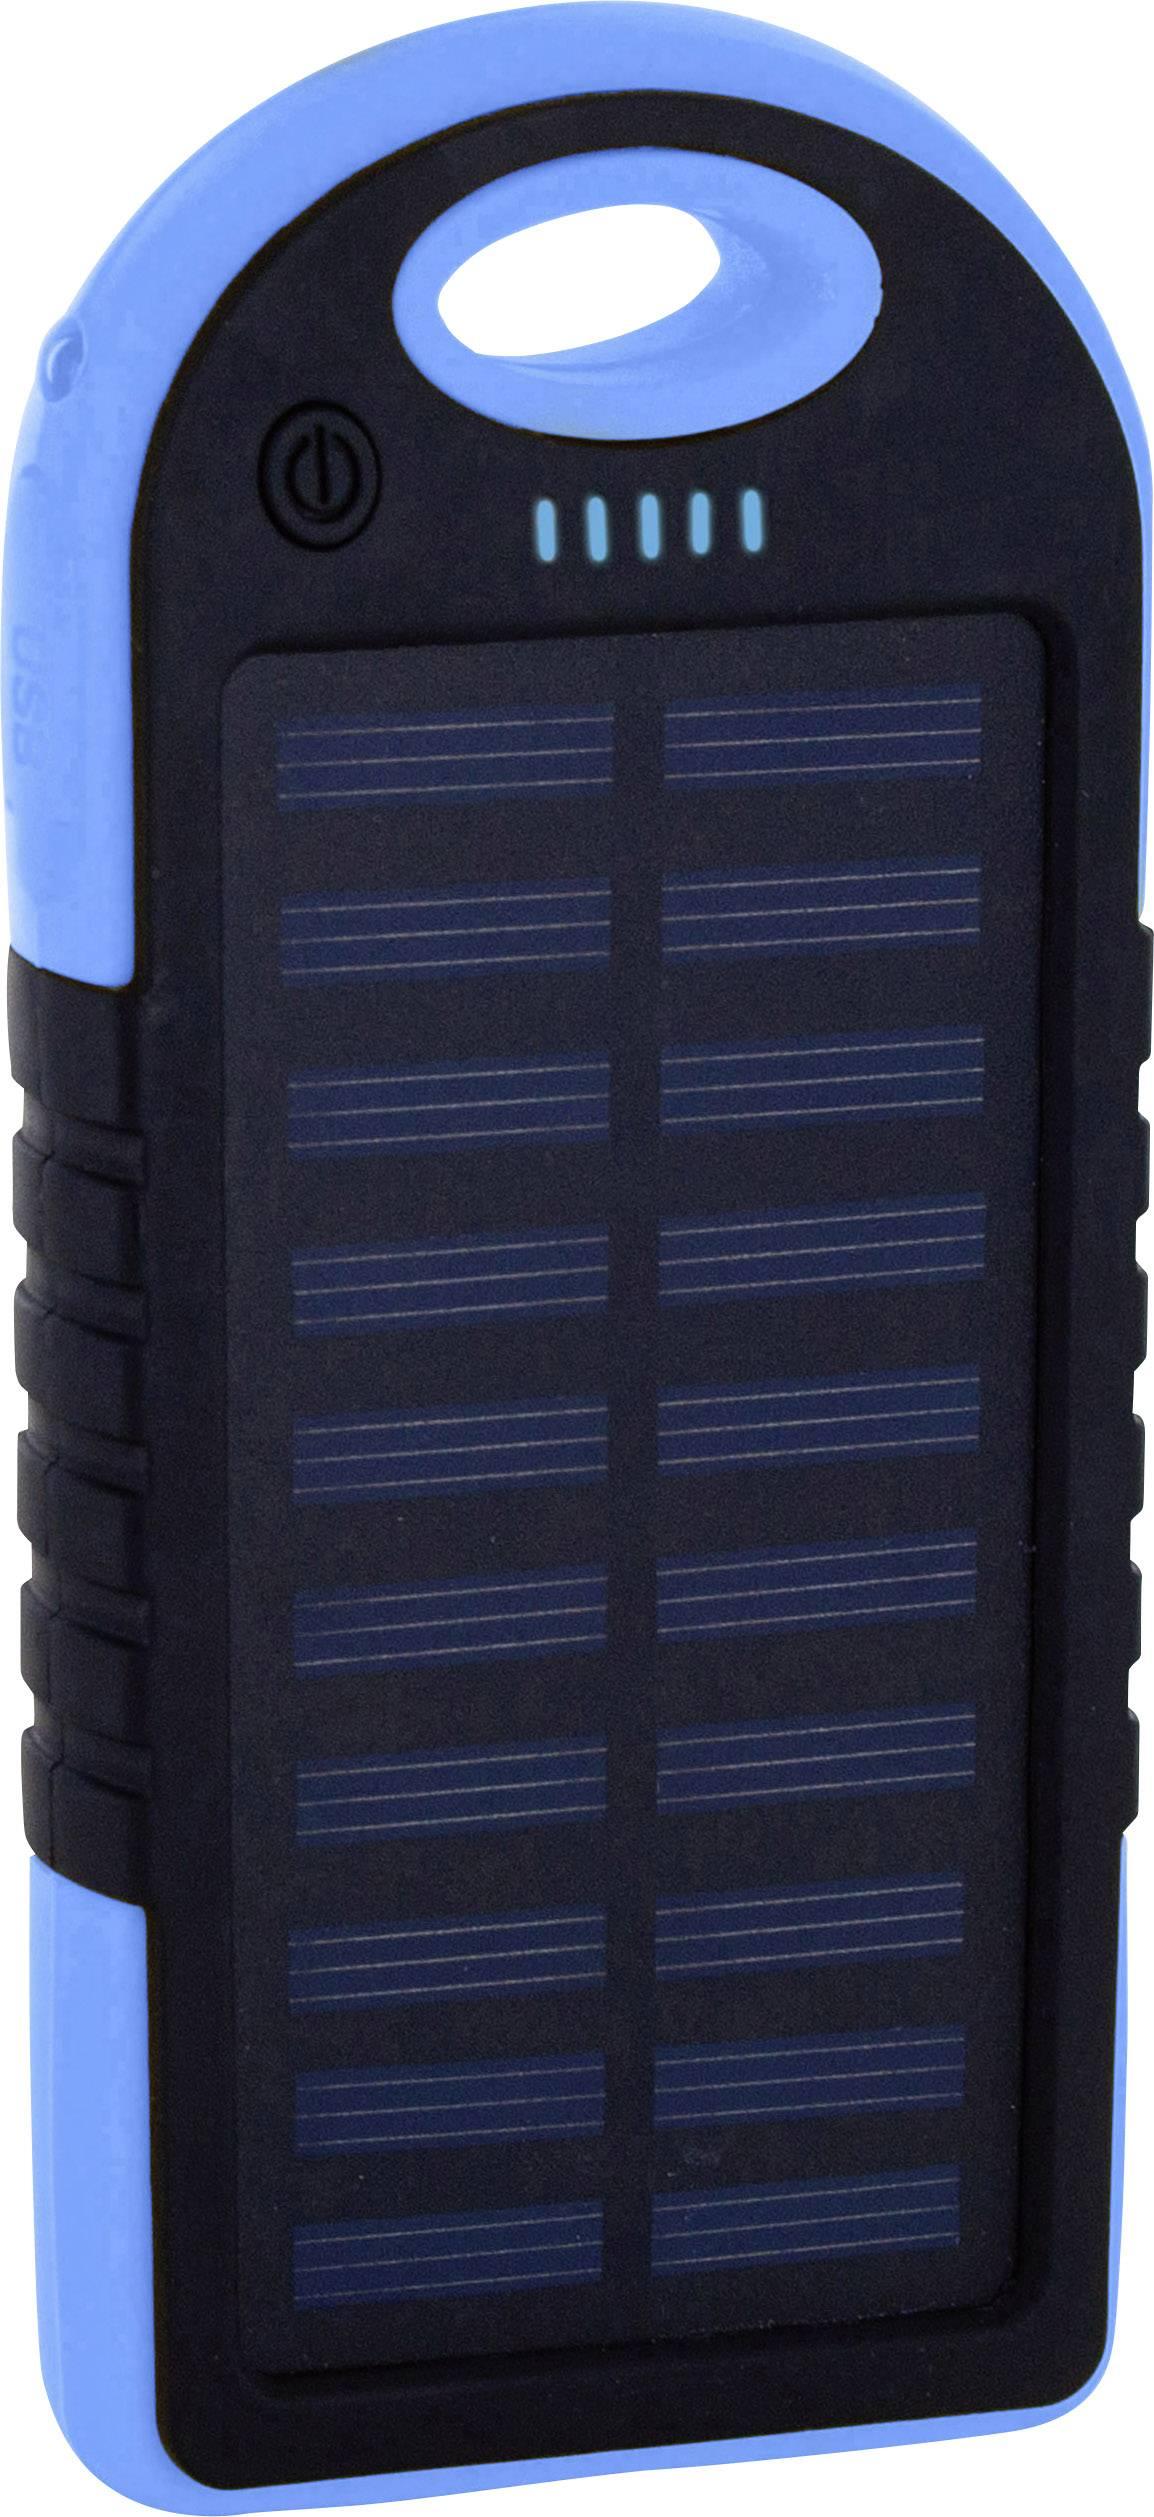 Solárna nabíjačka Xlayer Powerbank Plus 215897, 4000 mAh